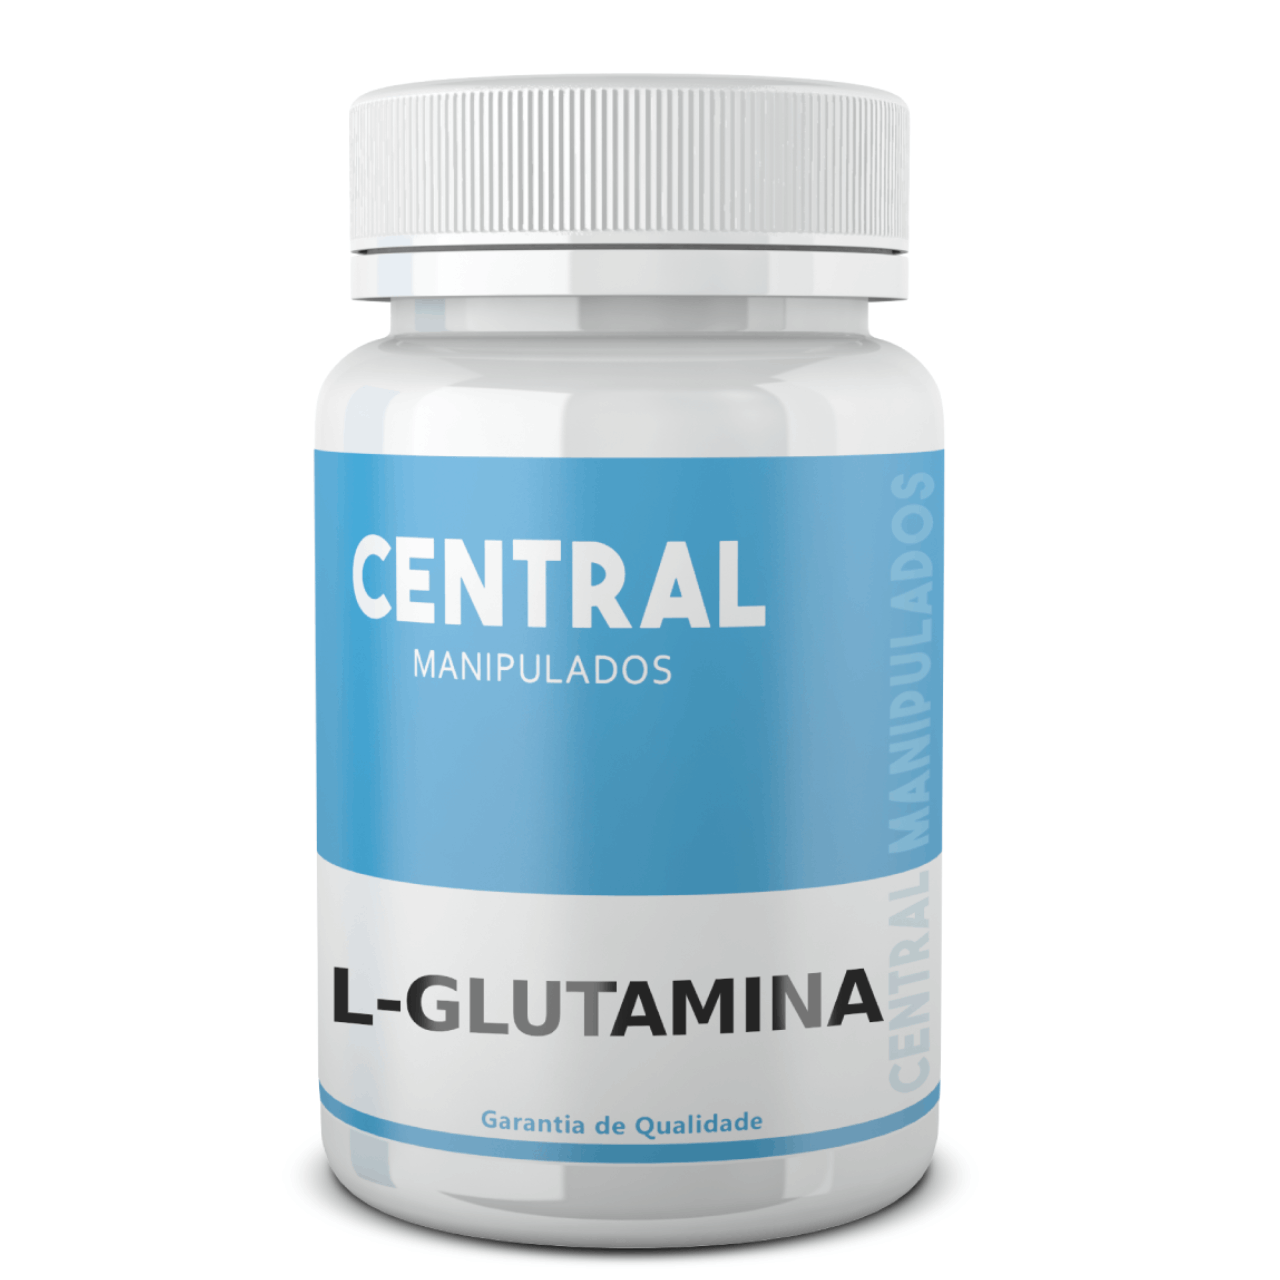 L glutamina 500mg - 120 cápsulas - Suplemento para prática esportiva, Reforço para Imunidade, Desintoxicação corporal, Regulador Hormonal